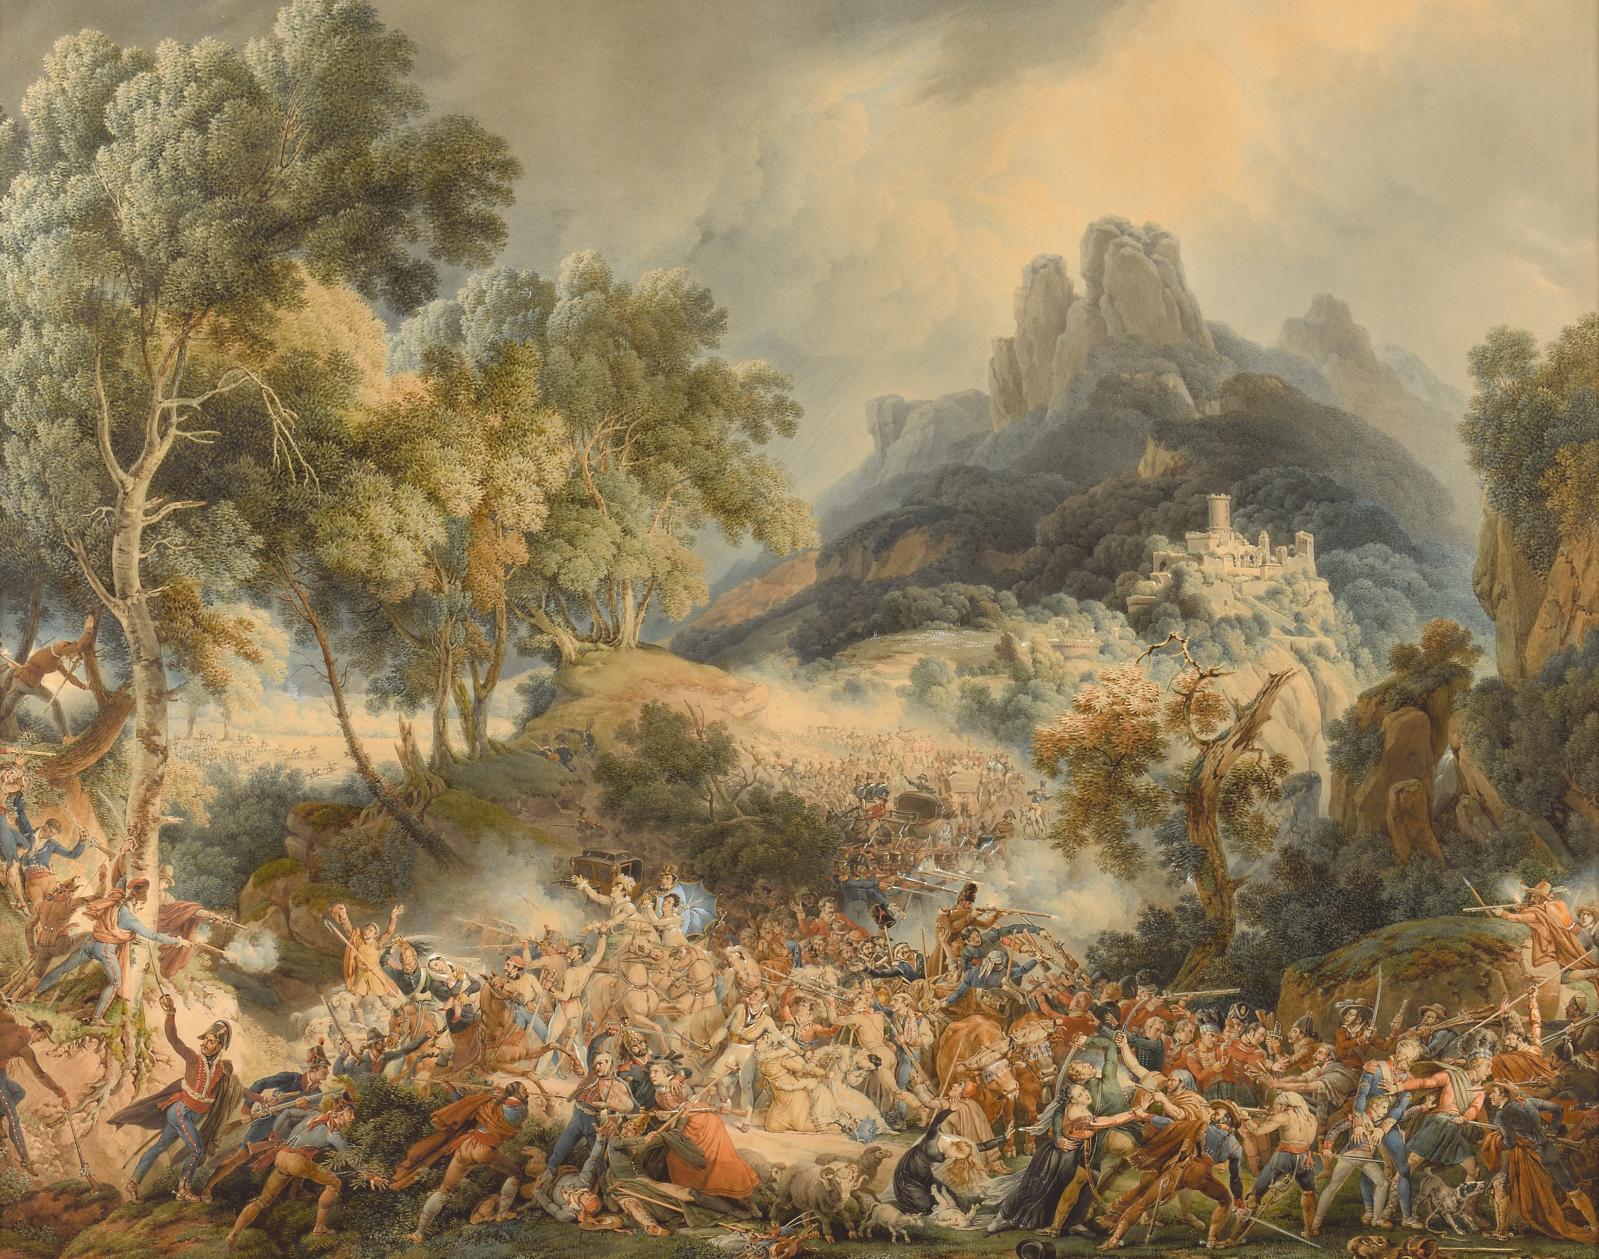 Réalisé à la plume et à l'aquarelle, et rehaussé de gouache, ce grand dessin (59,8x74,7cm, M.Dey, expert) est dû au peintre de bataill